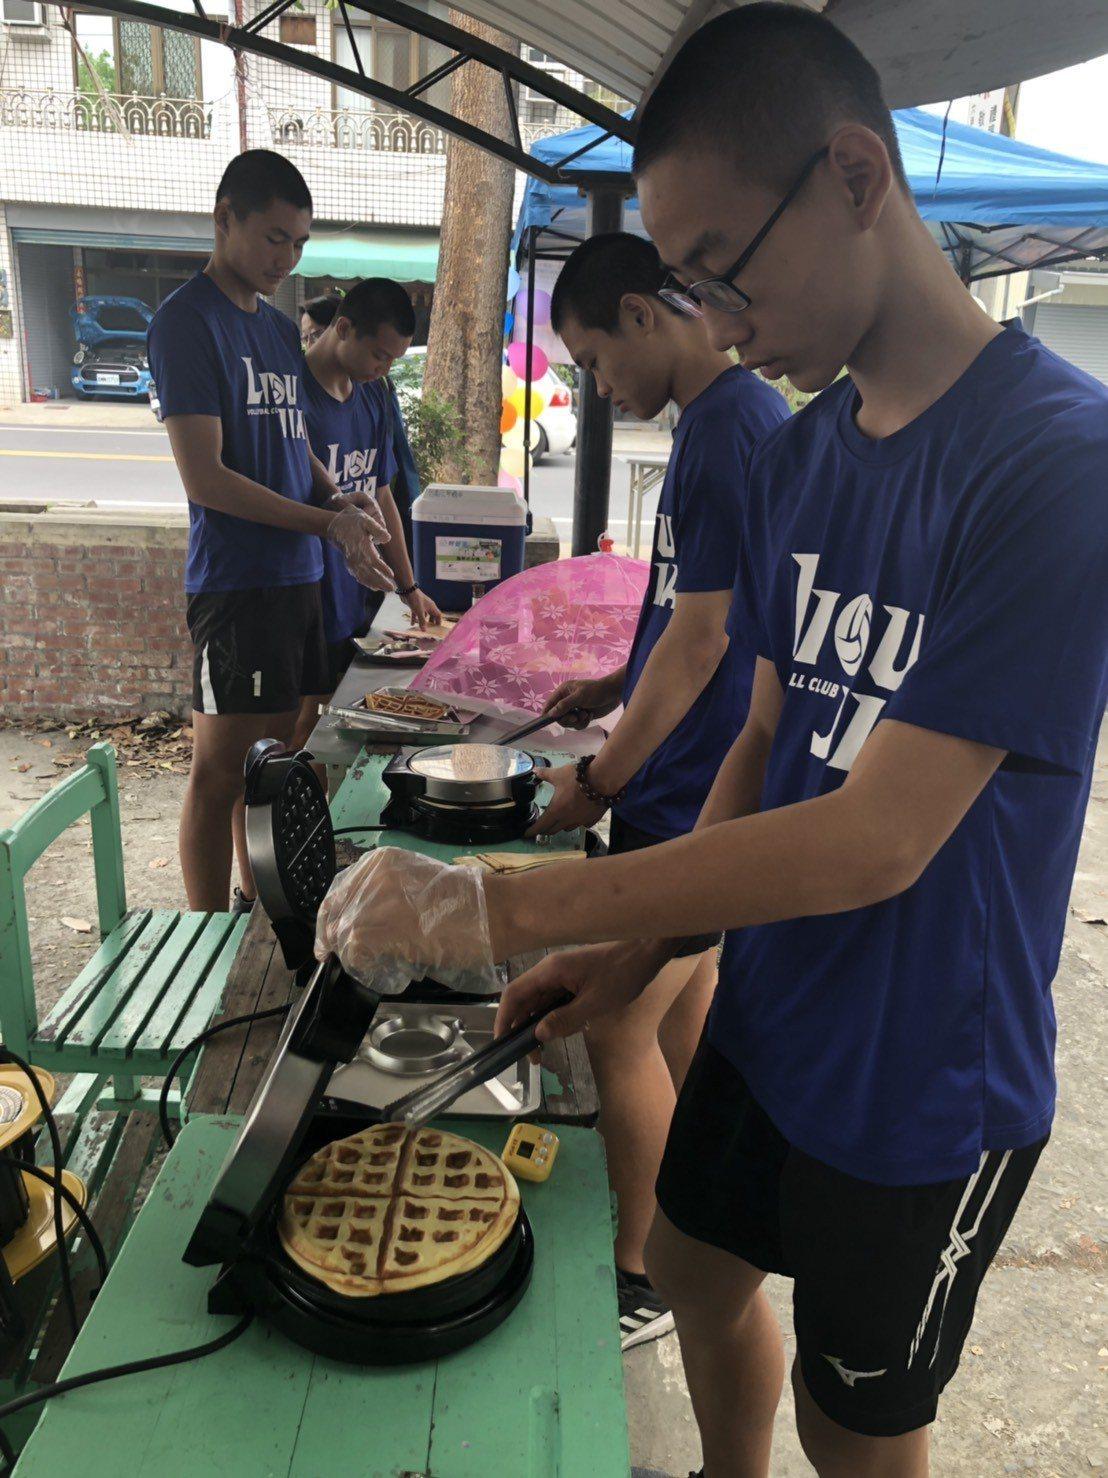 台南六甲國中學生假日就到學校烘焙做鬆餅義賣,籌措暑假出國交流費用。圖/六甲國中提...